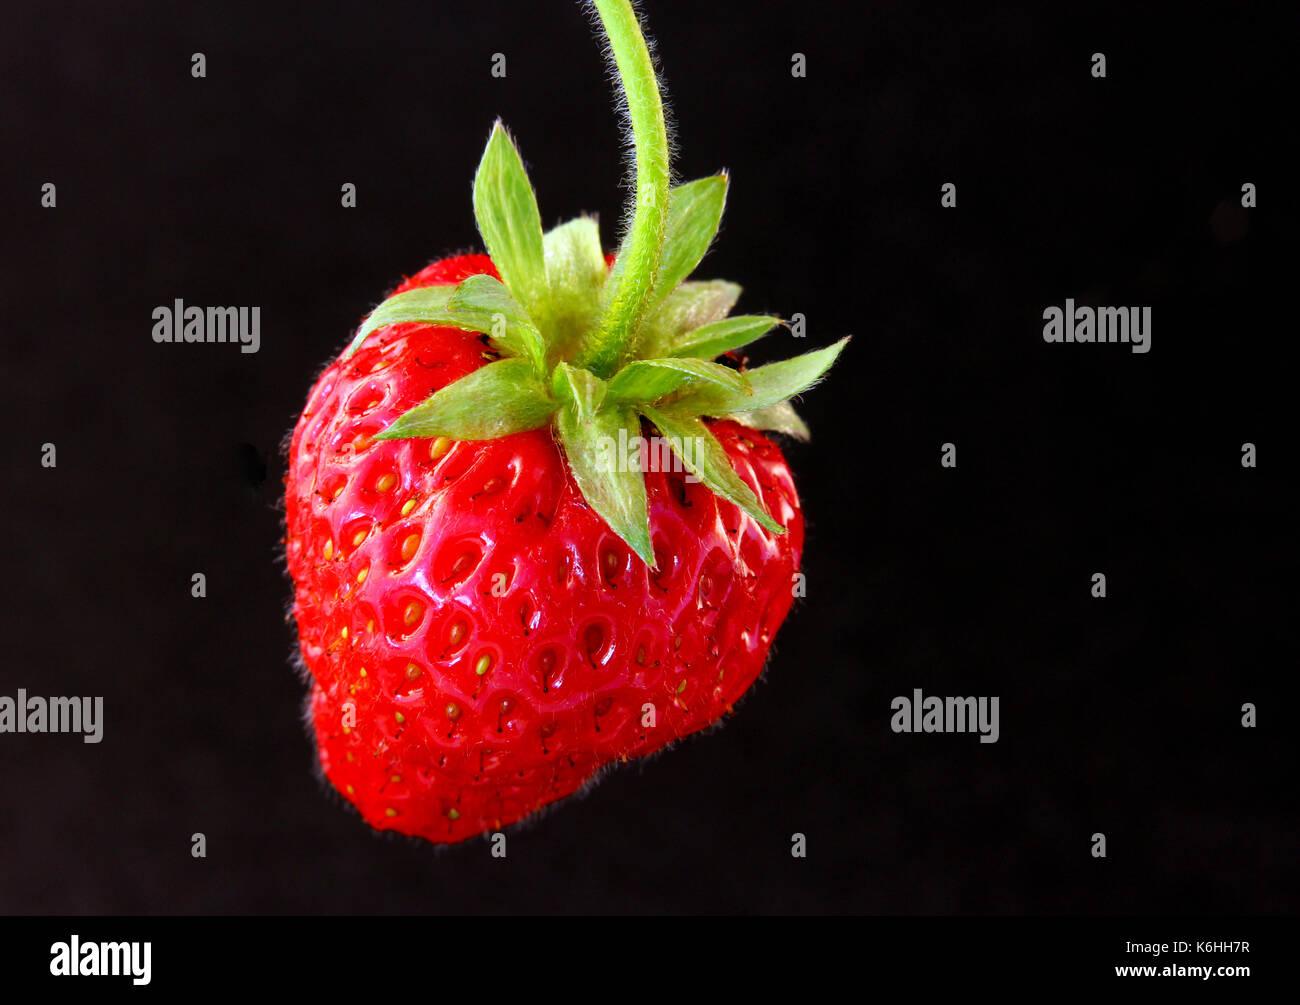 Einzelne Erdbeere vor schwarzen hintergrund freigestellt. - Stock Image